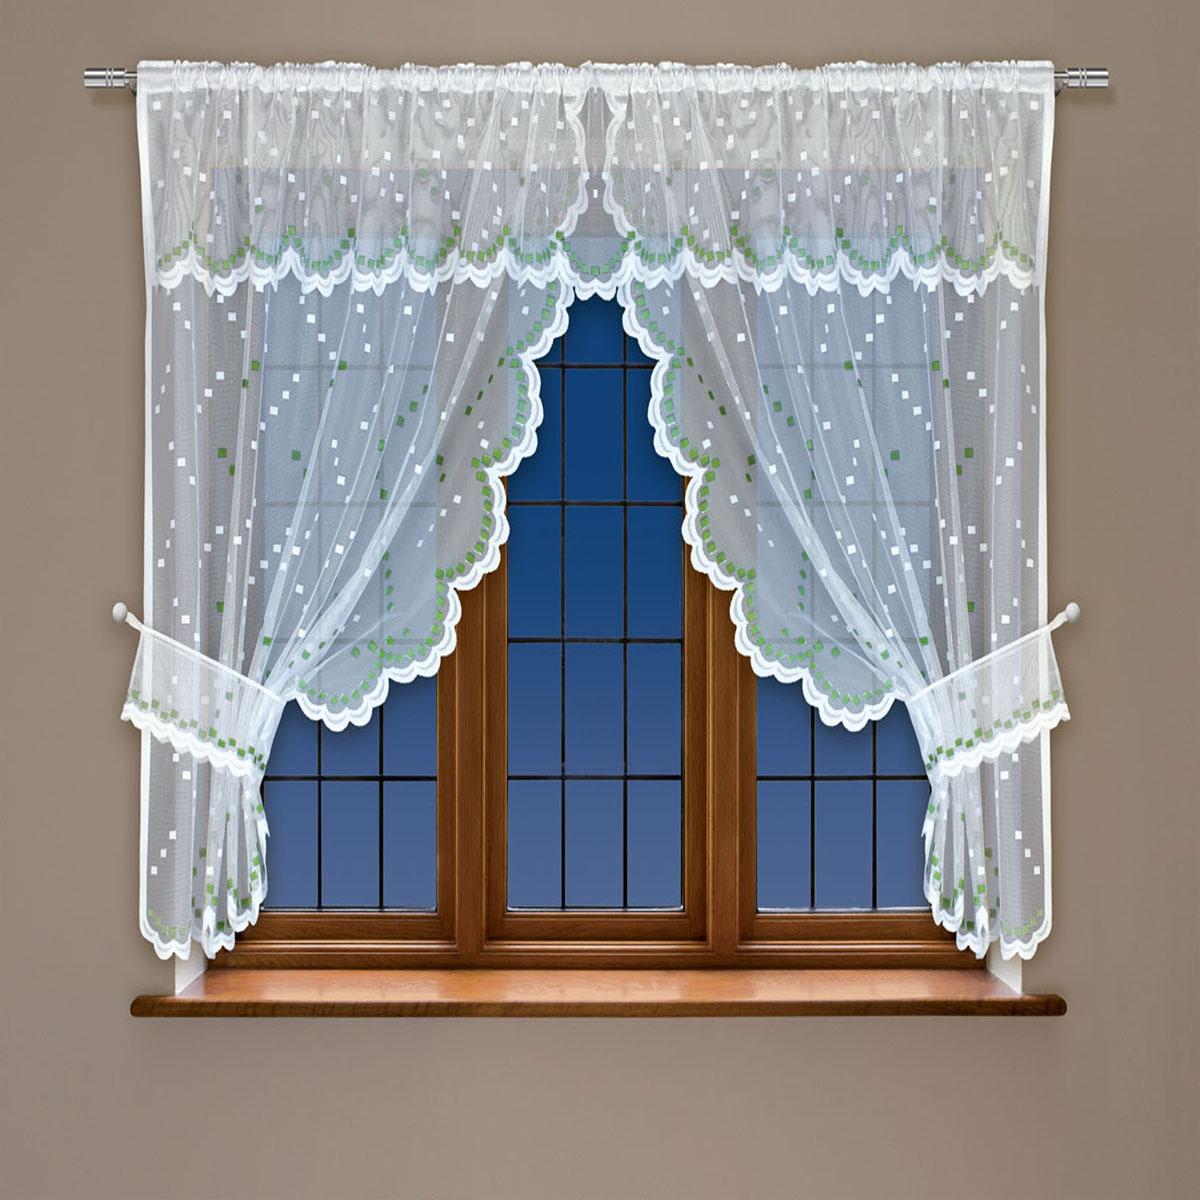 Гардина Haft, на кулиске, цвет: белый, зеленый, высота 137 см. 228410228410/137 зеленыйВоздушная гардина Haft, выполненная из полиэстера, великолепно украсит любое окно.Изделие имеет оригинальный дизайн и органично впишется в интерьер помещения.Гардина крепится на карниз при помощи кулиски.